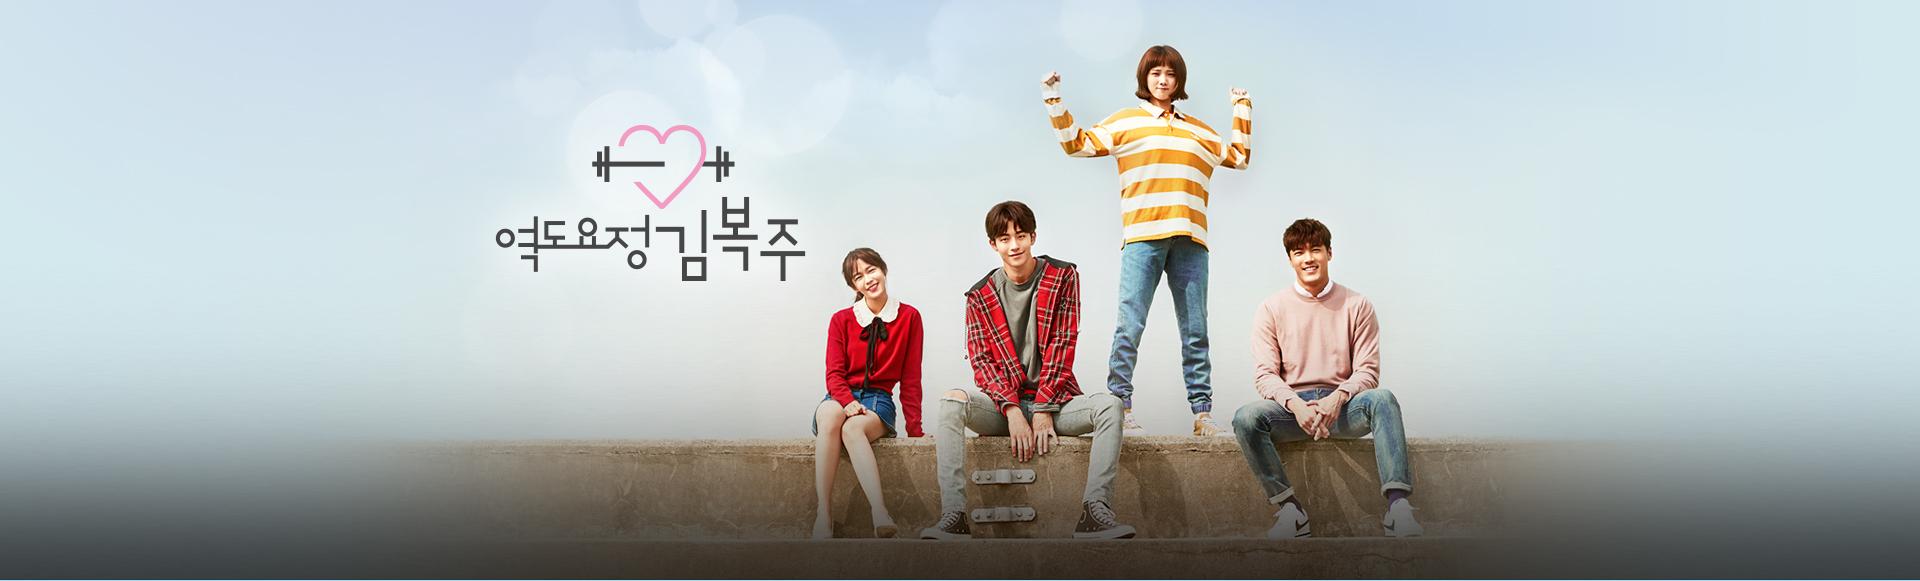 역도요정 김복주 포스터_3